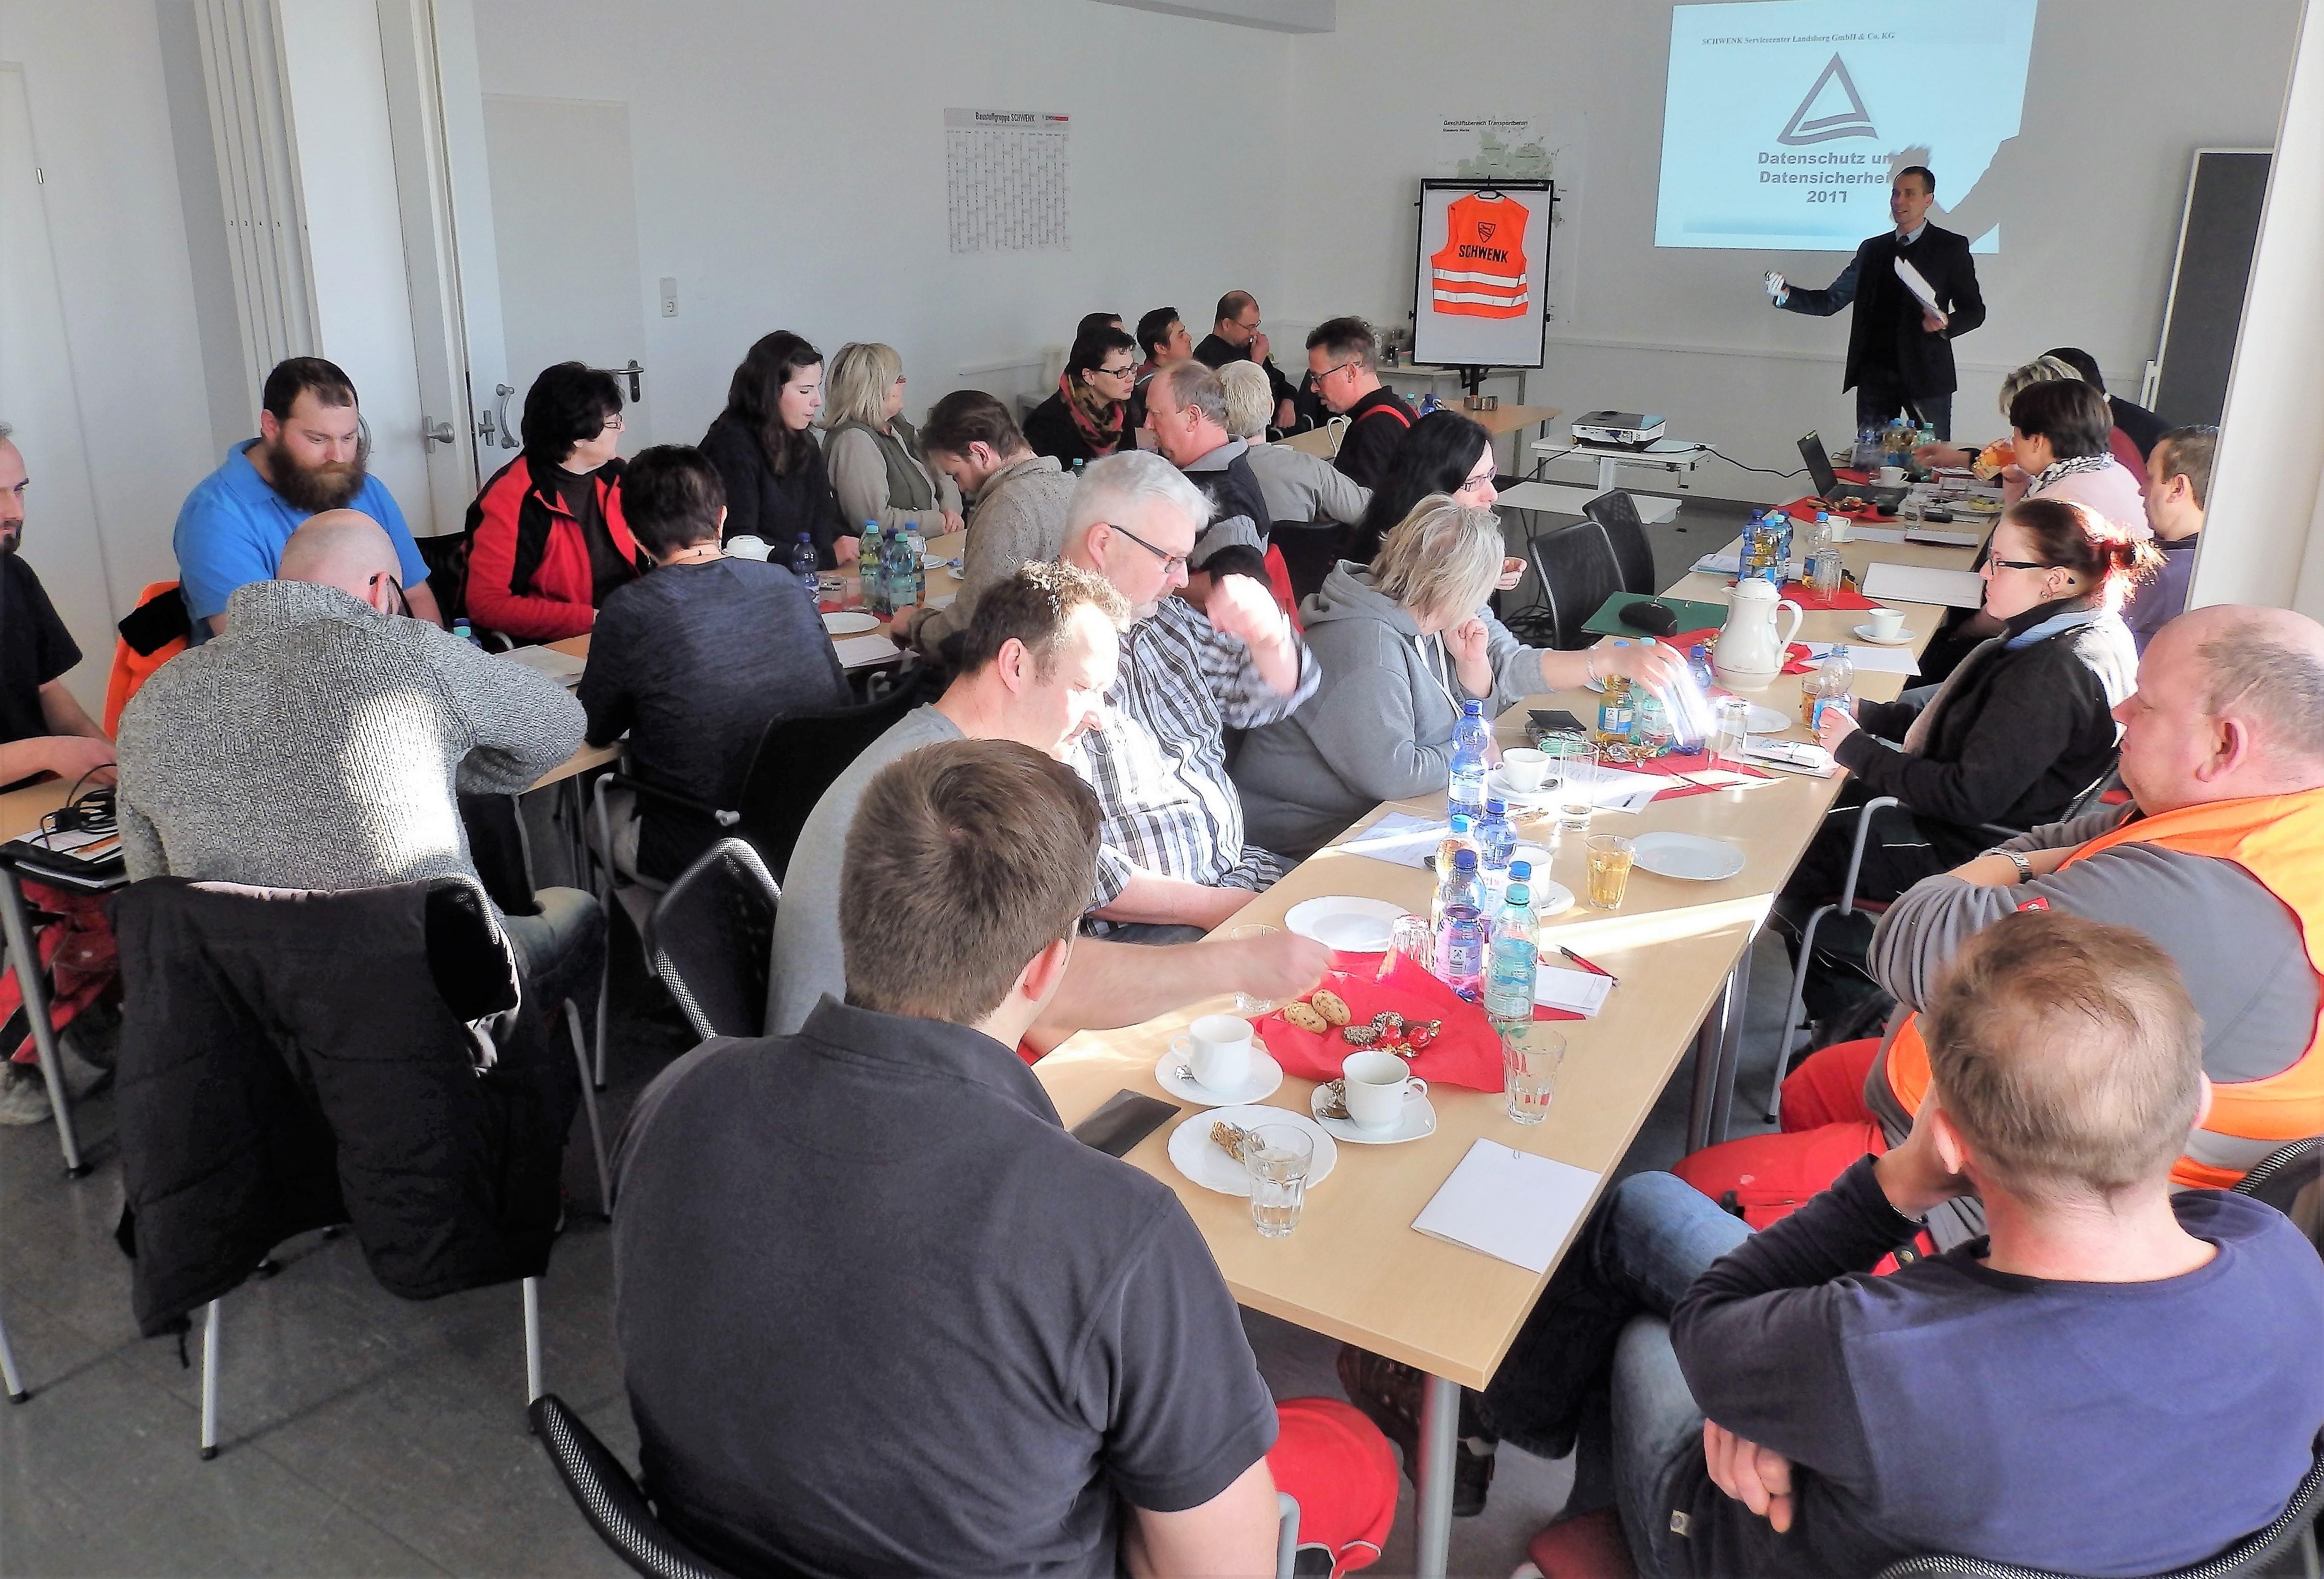 Schulung unserer Mitarbeiter im SCHWENK Technologiezentrum